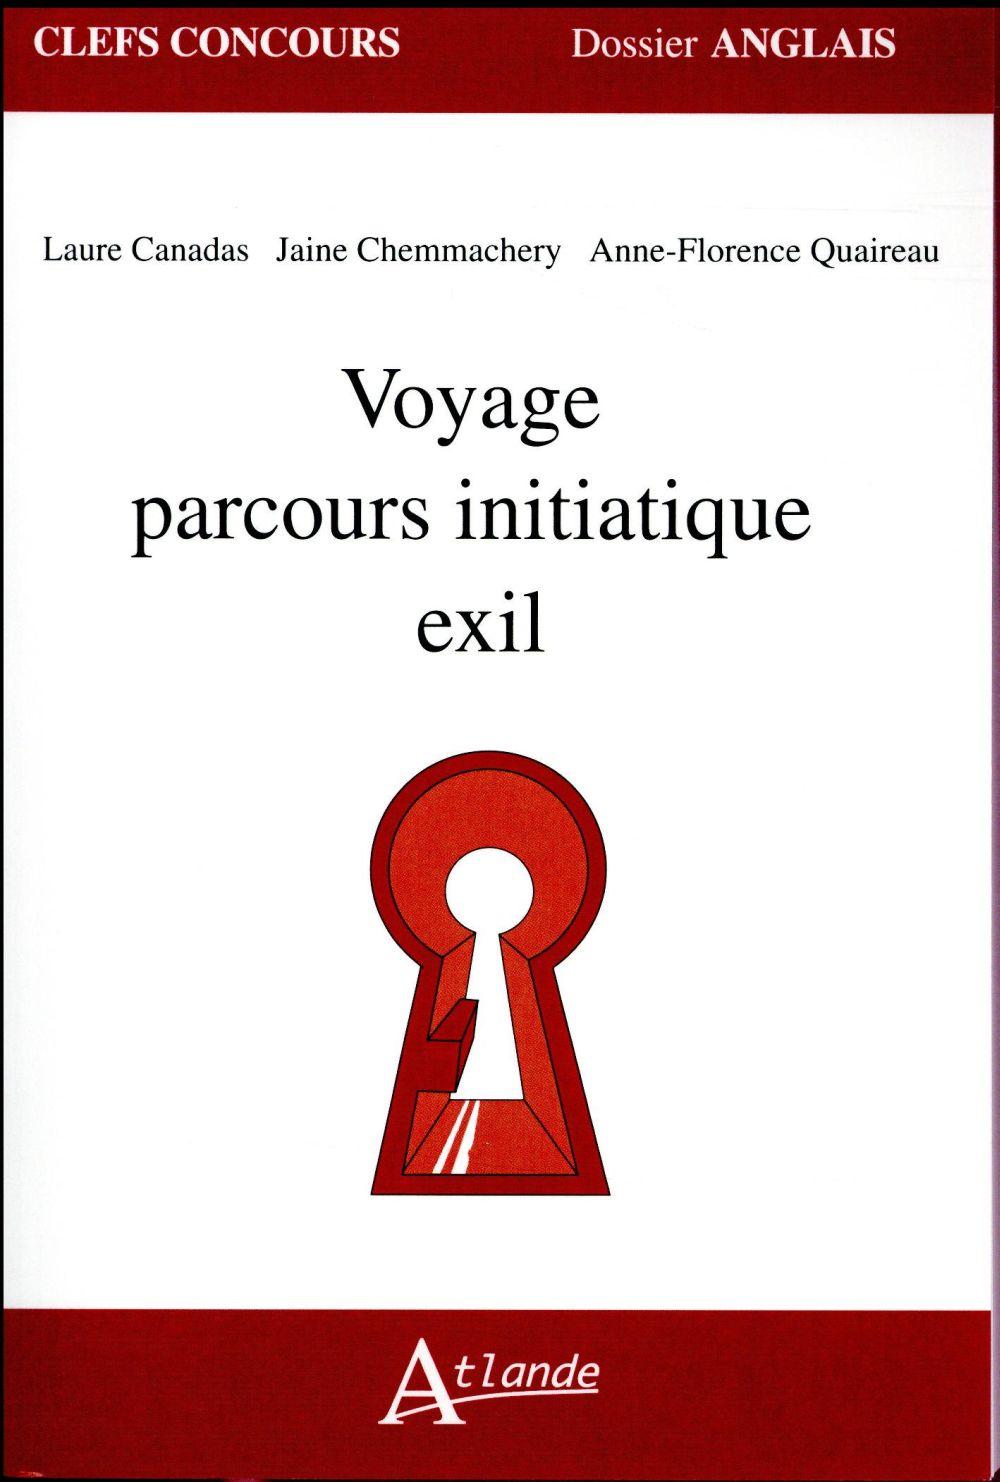 VOYAGE, PARCOURS INITIATIQUE, EXIL